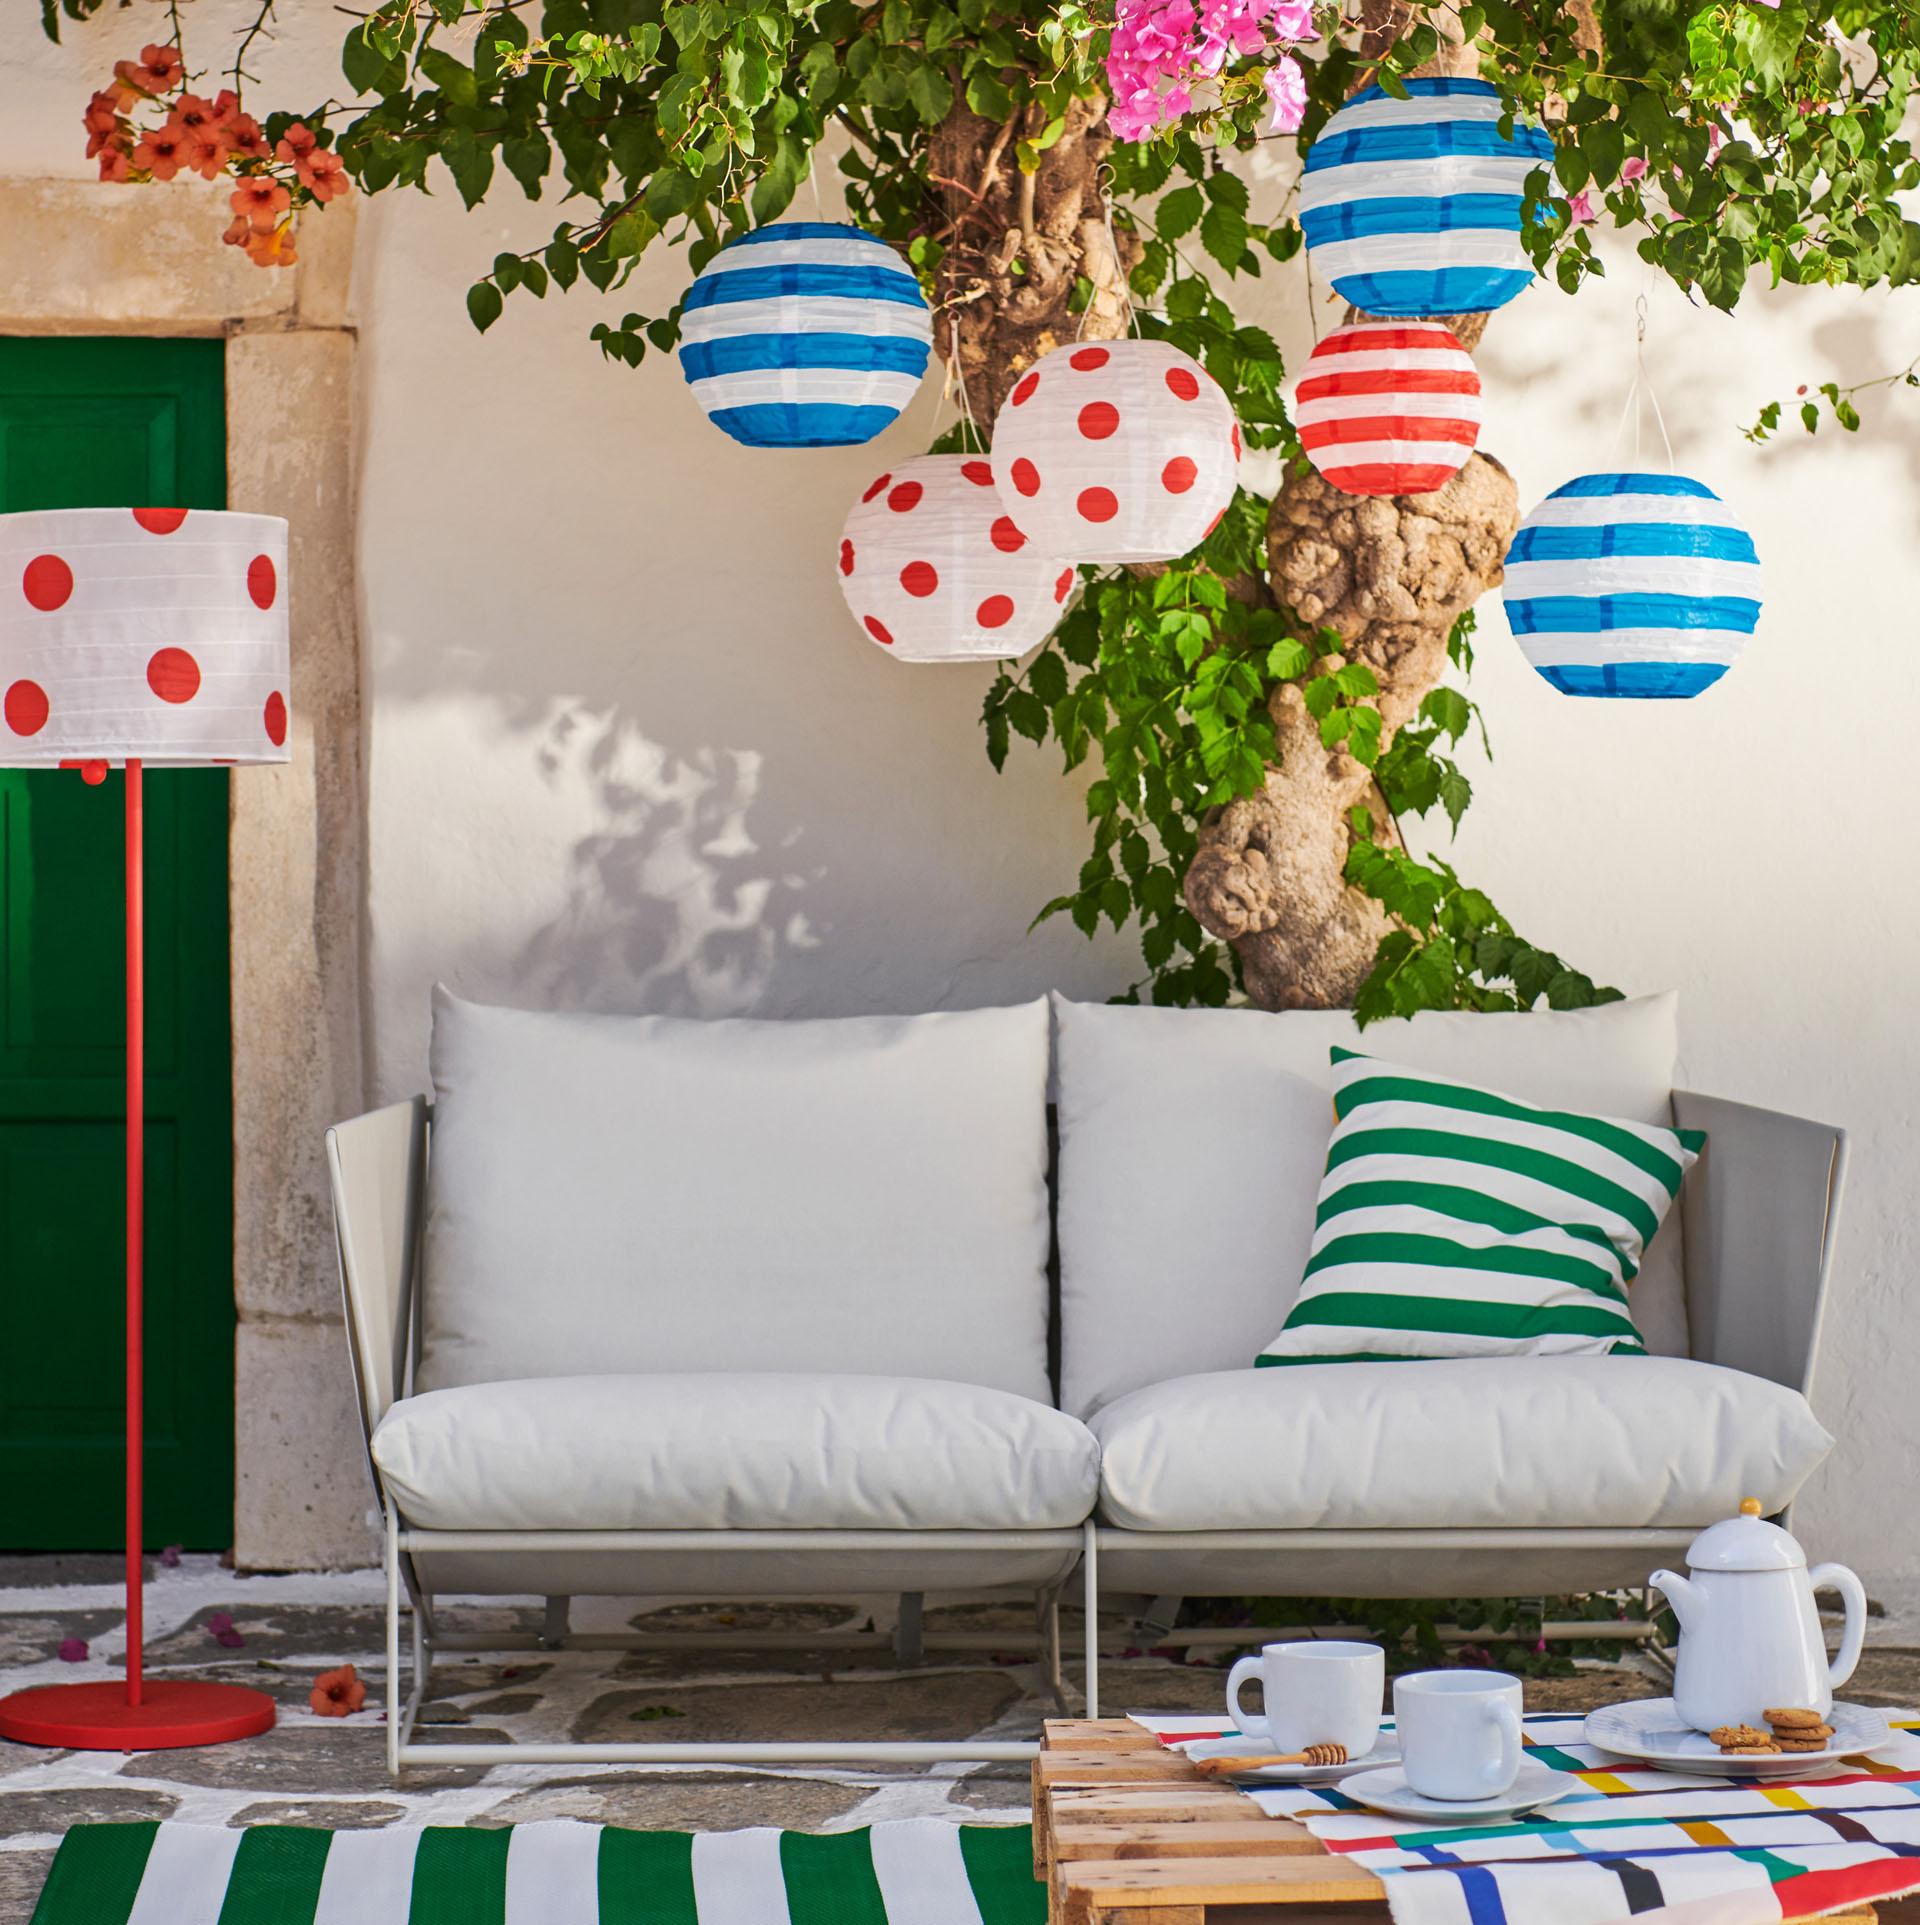 Notre Déco De L'été 2019 Selon Ikea - Cdeco.fr Décoration ... pour Mobilier De Jardin Ikea